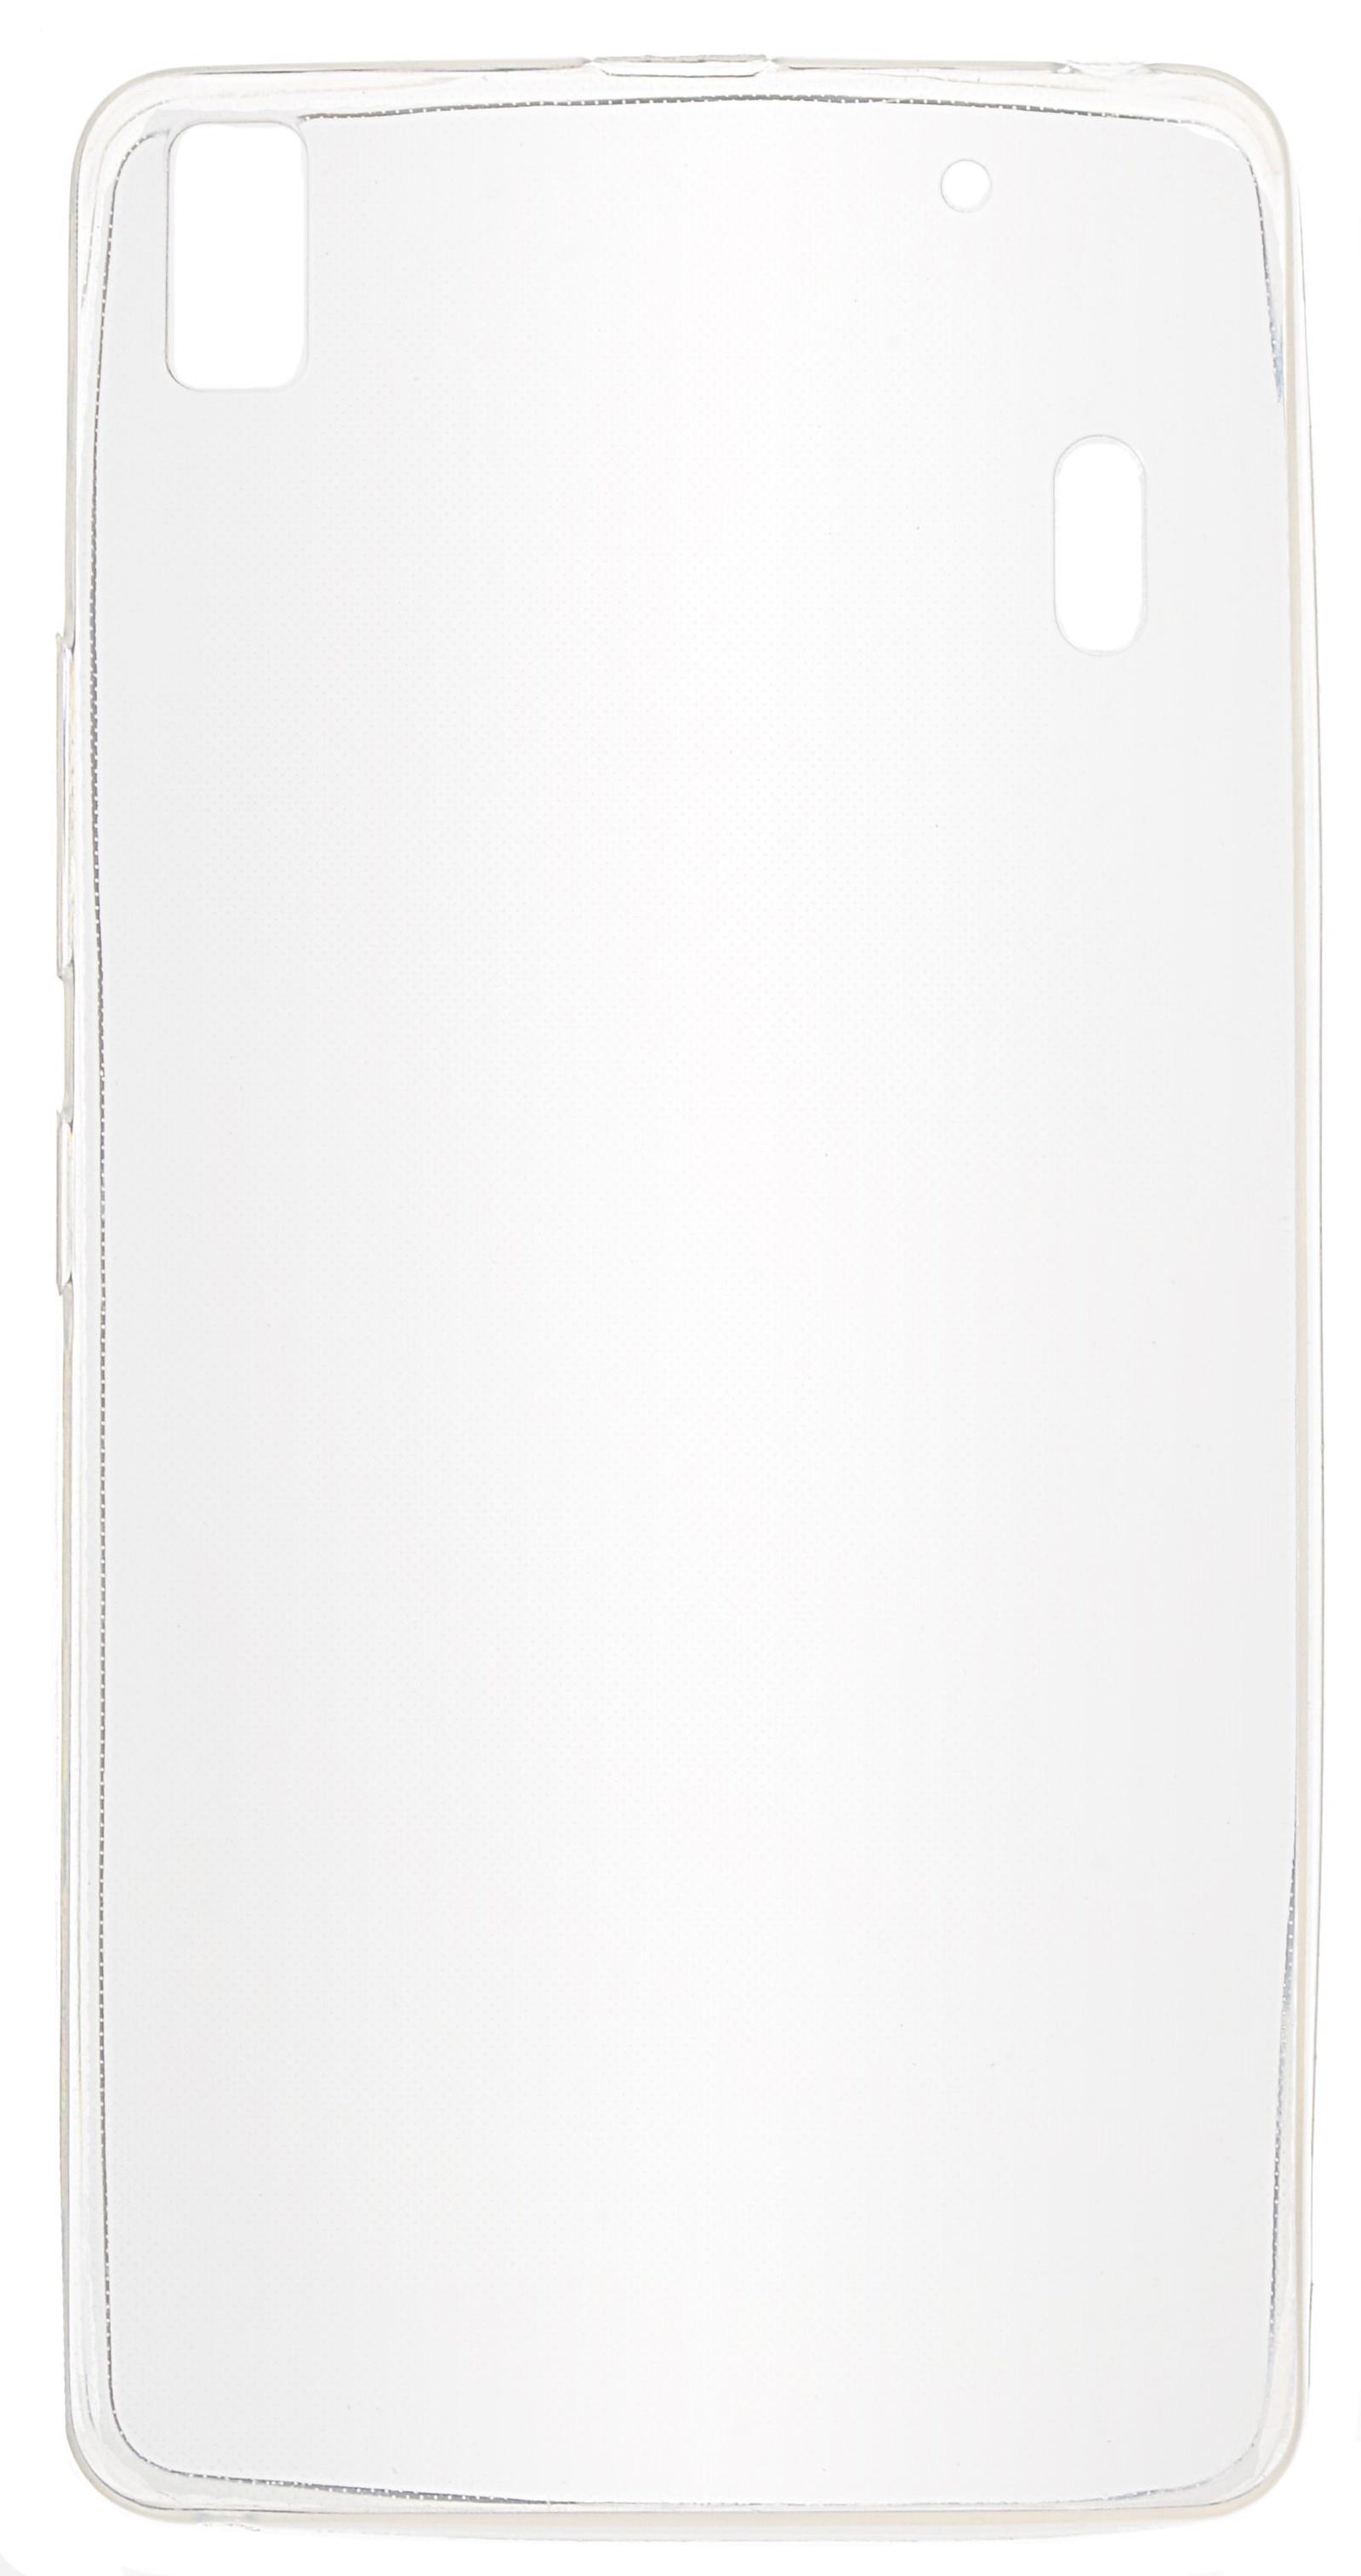 Накладка skinBOX для Lenovo A7000 прозрачный стоимость